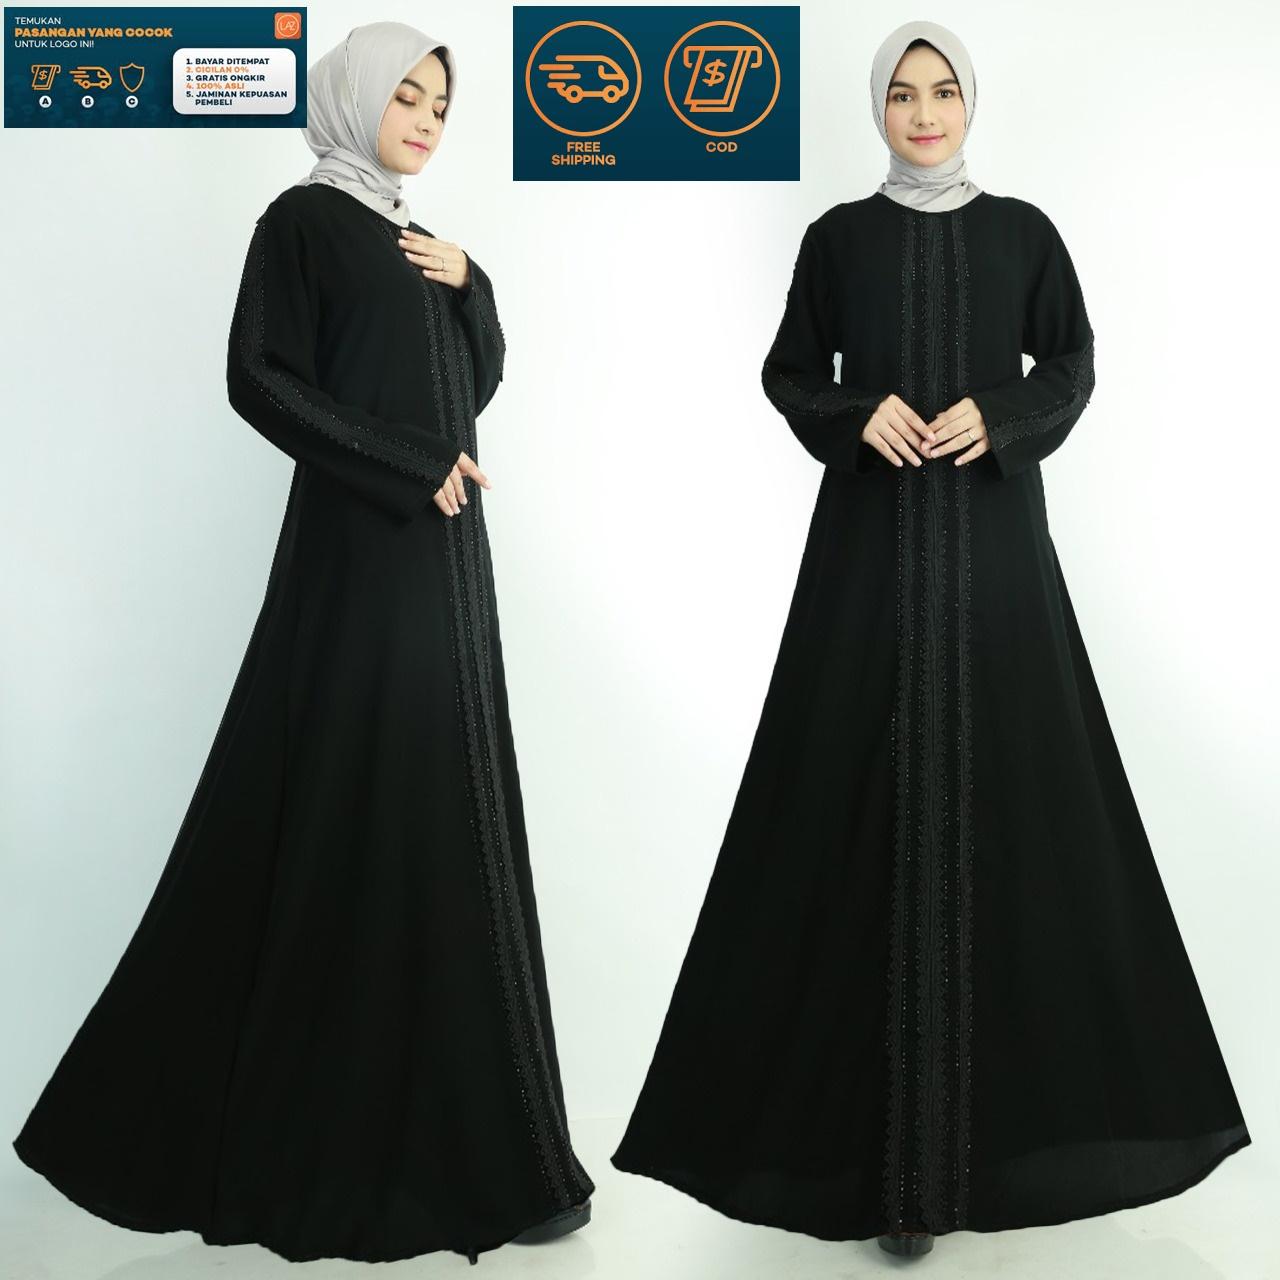 Gamis Abaya Jet Black / Gamis Turky Hitam / Gamis Arab Hitam 11